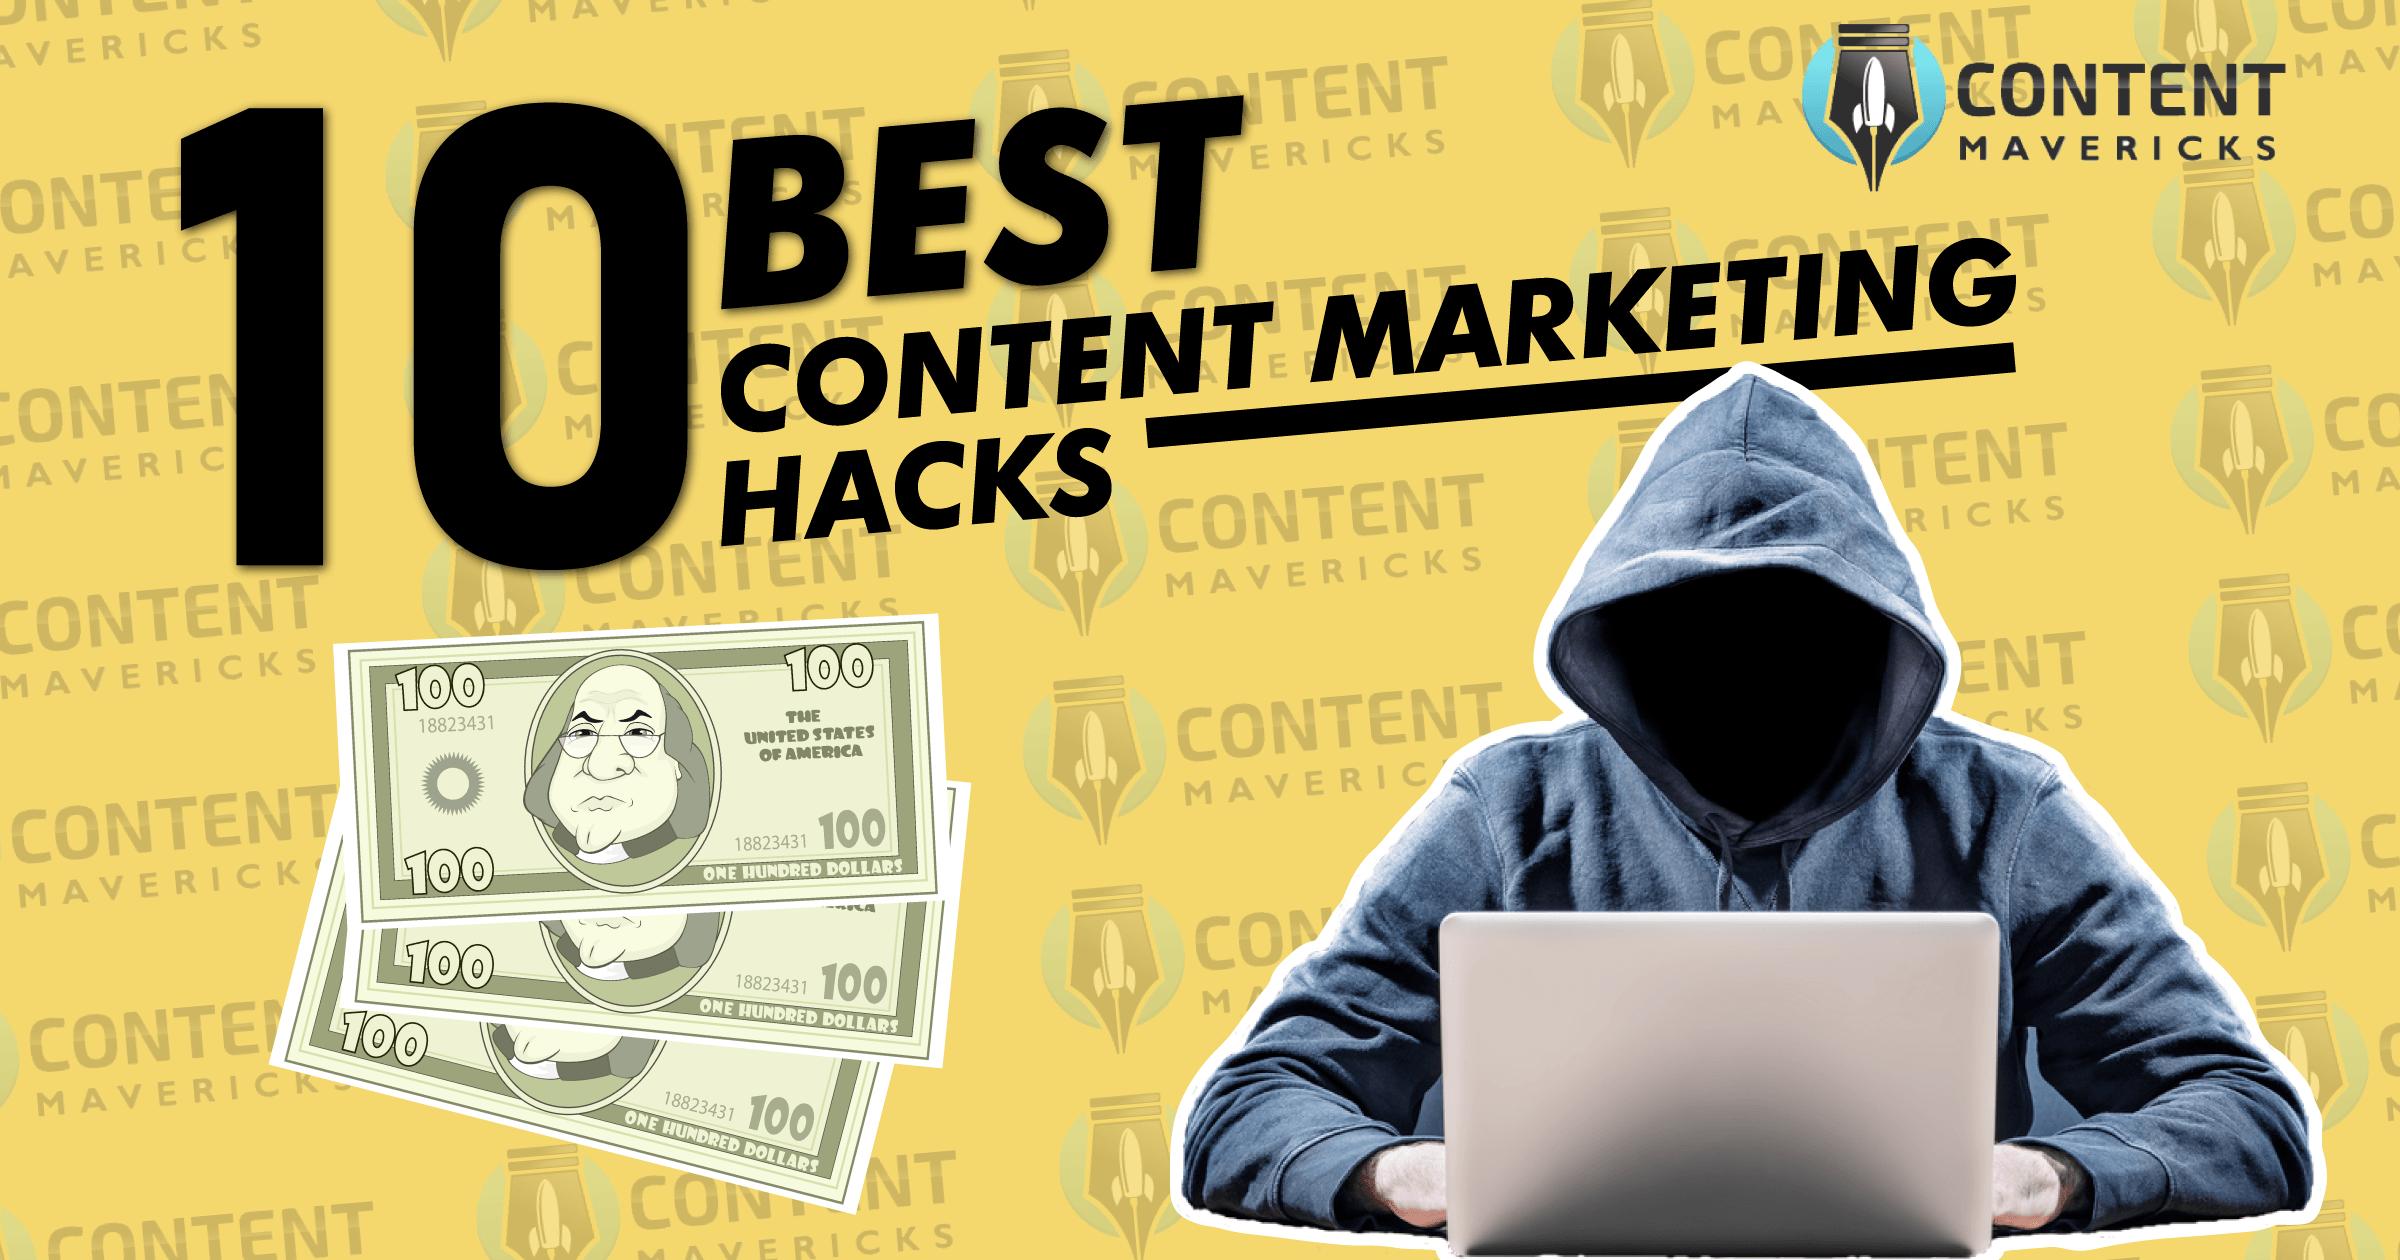 10 Best Content Marketing Hacks Under $100 (That Work In 2019)